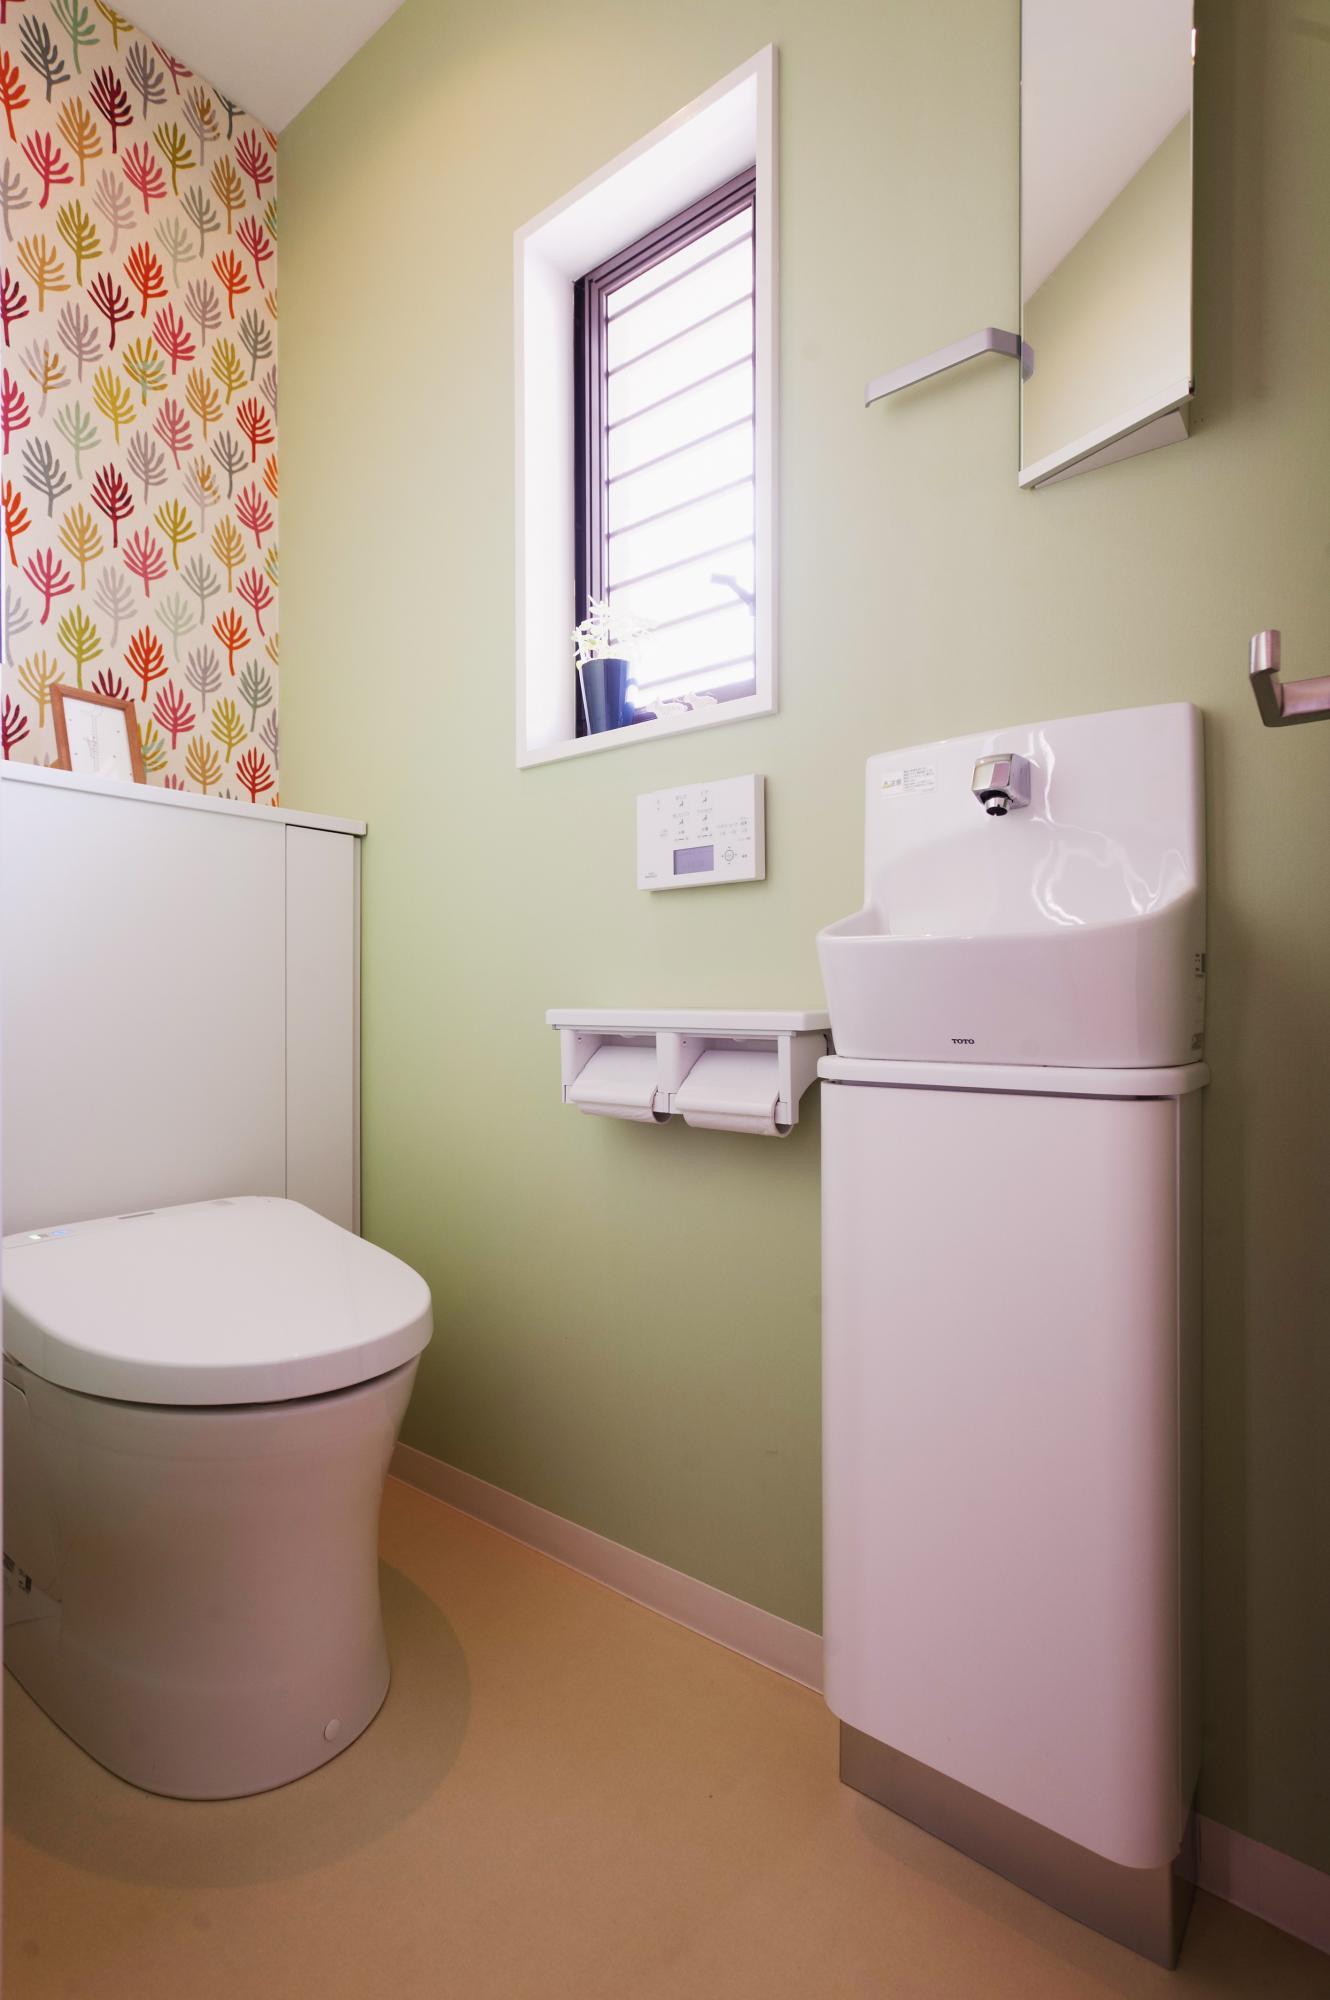 アクセントクロスで可愛らしさを演出。小さな手洗いと鏡も設置して機能的です。